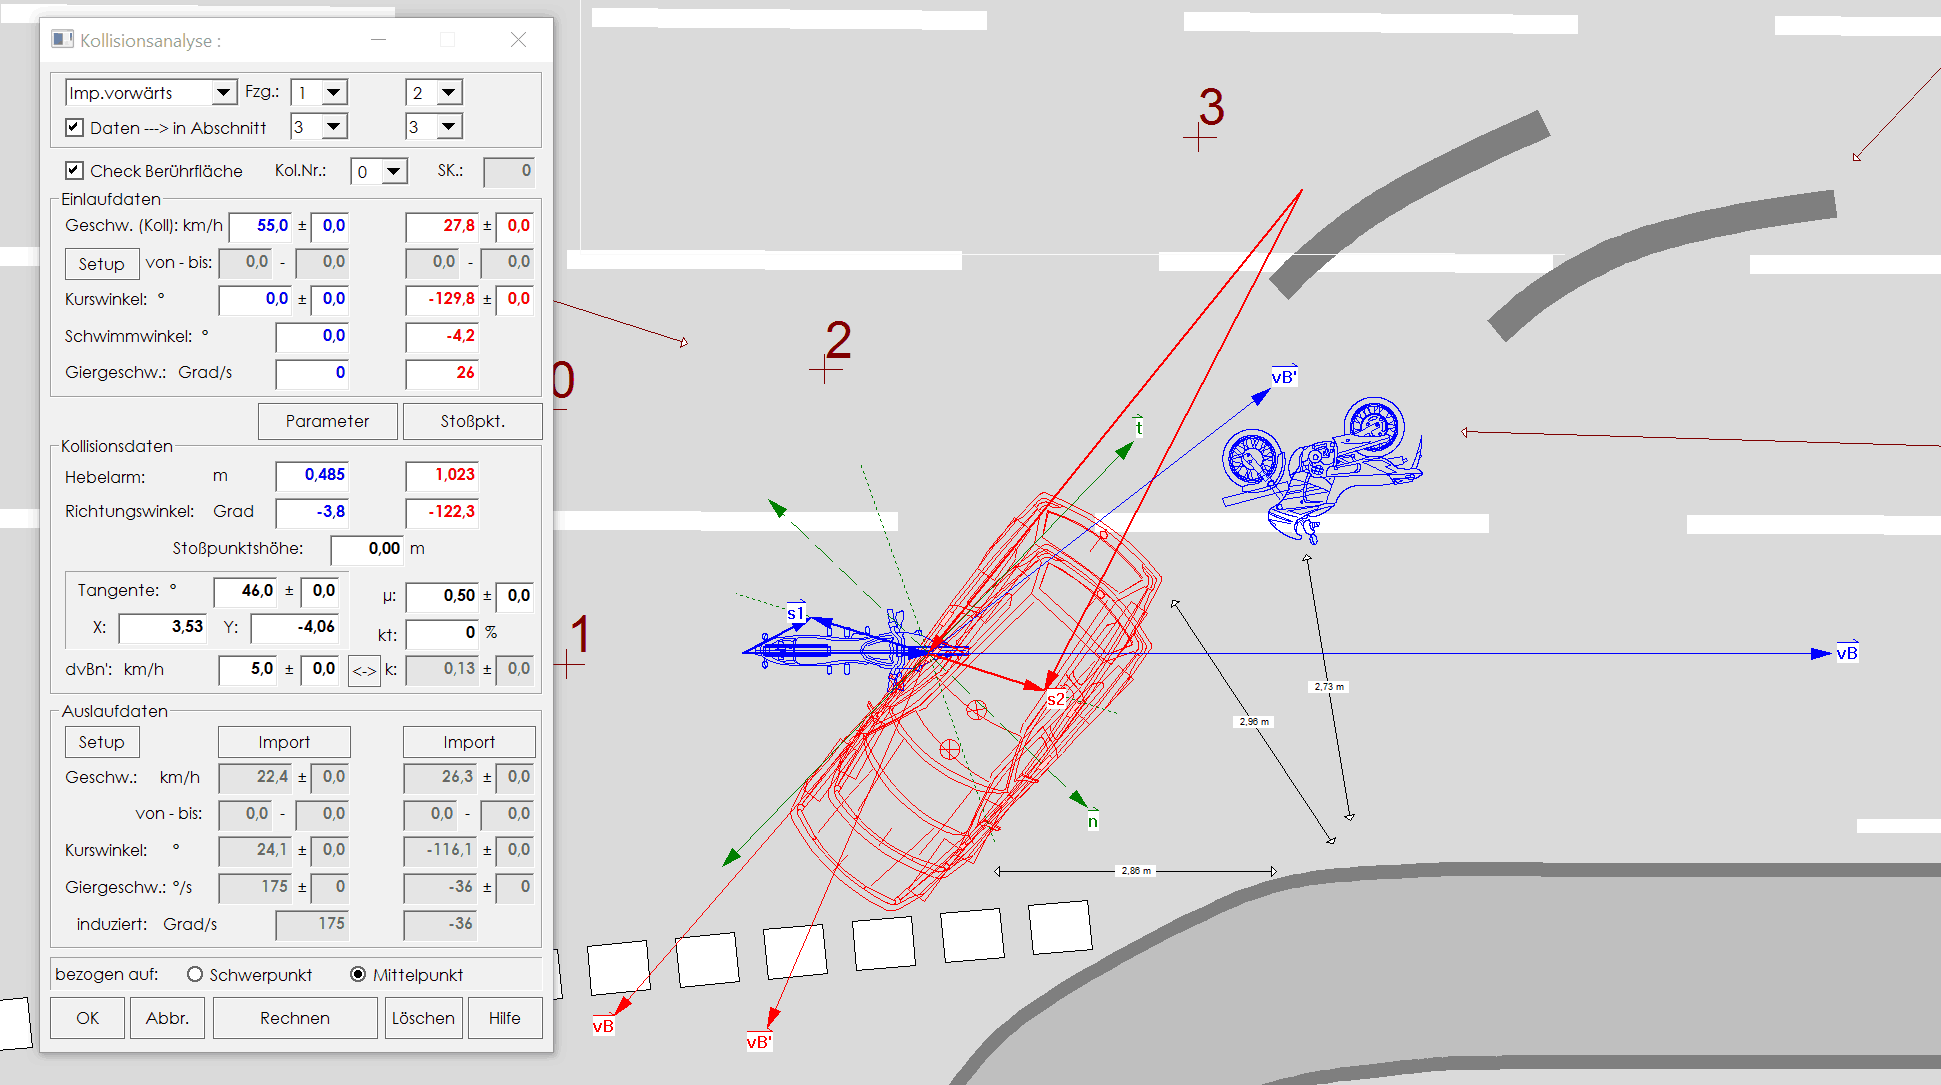 Schön Unfall Diagramm Software Bilder - Die Besten Elektrischen ...